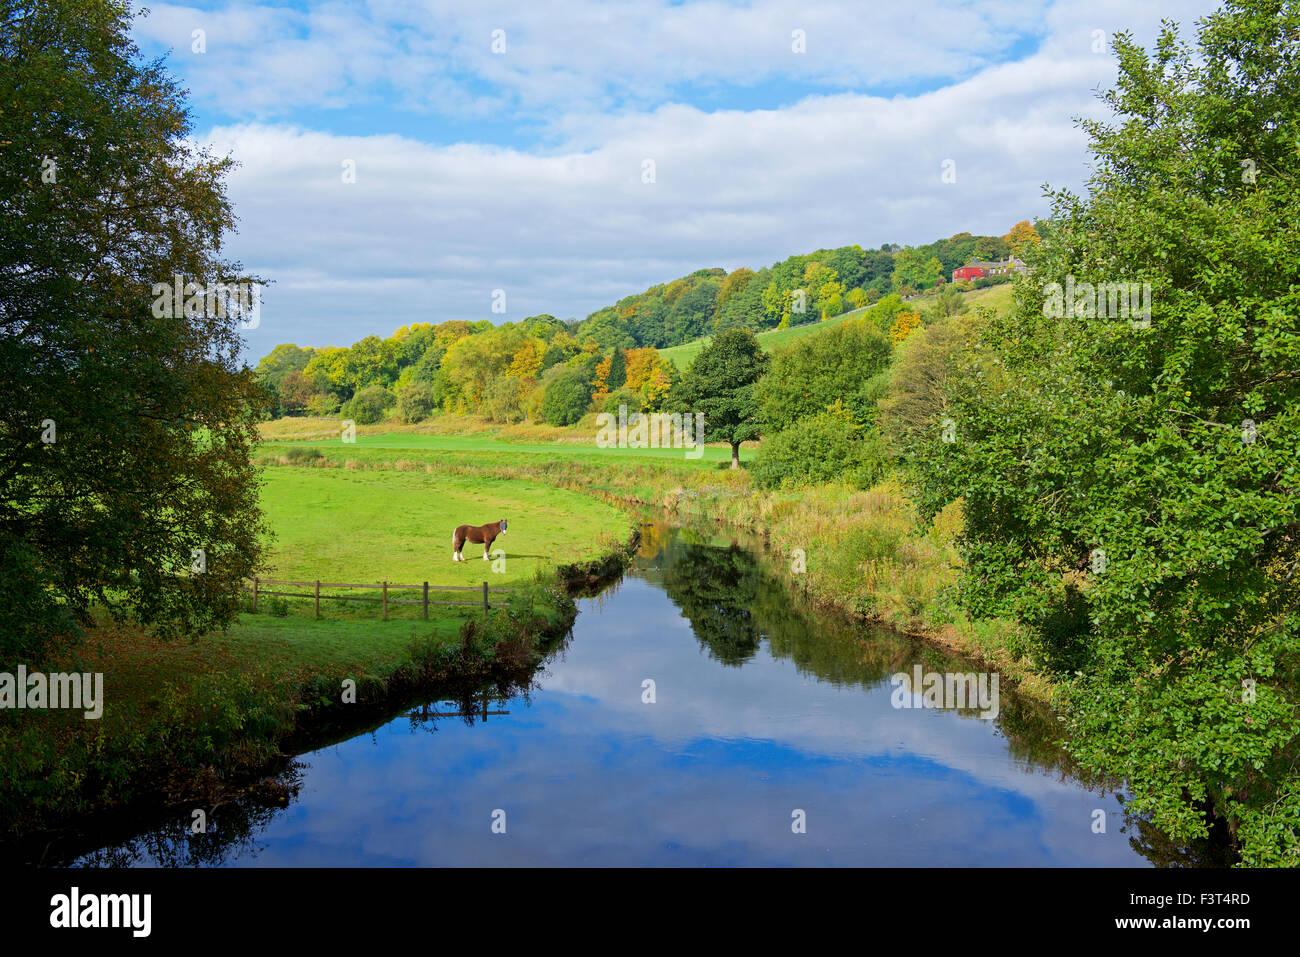 River Calder, Calderdale, West Yorkshire, England UK - Stock Image